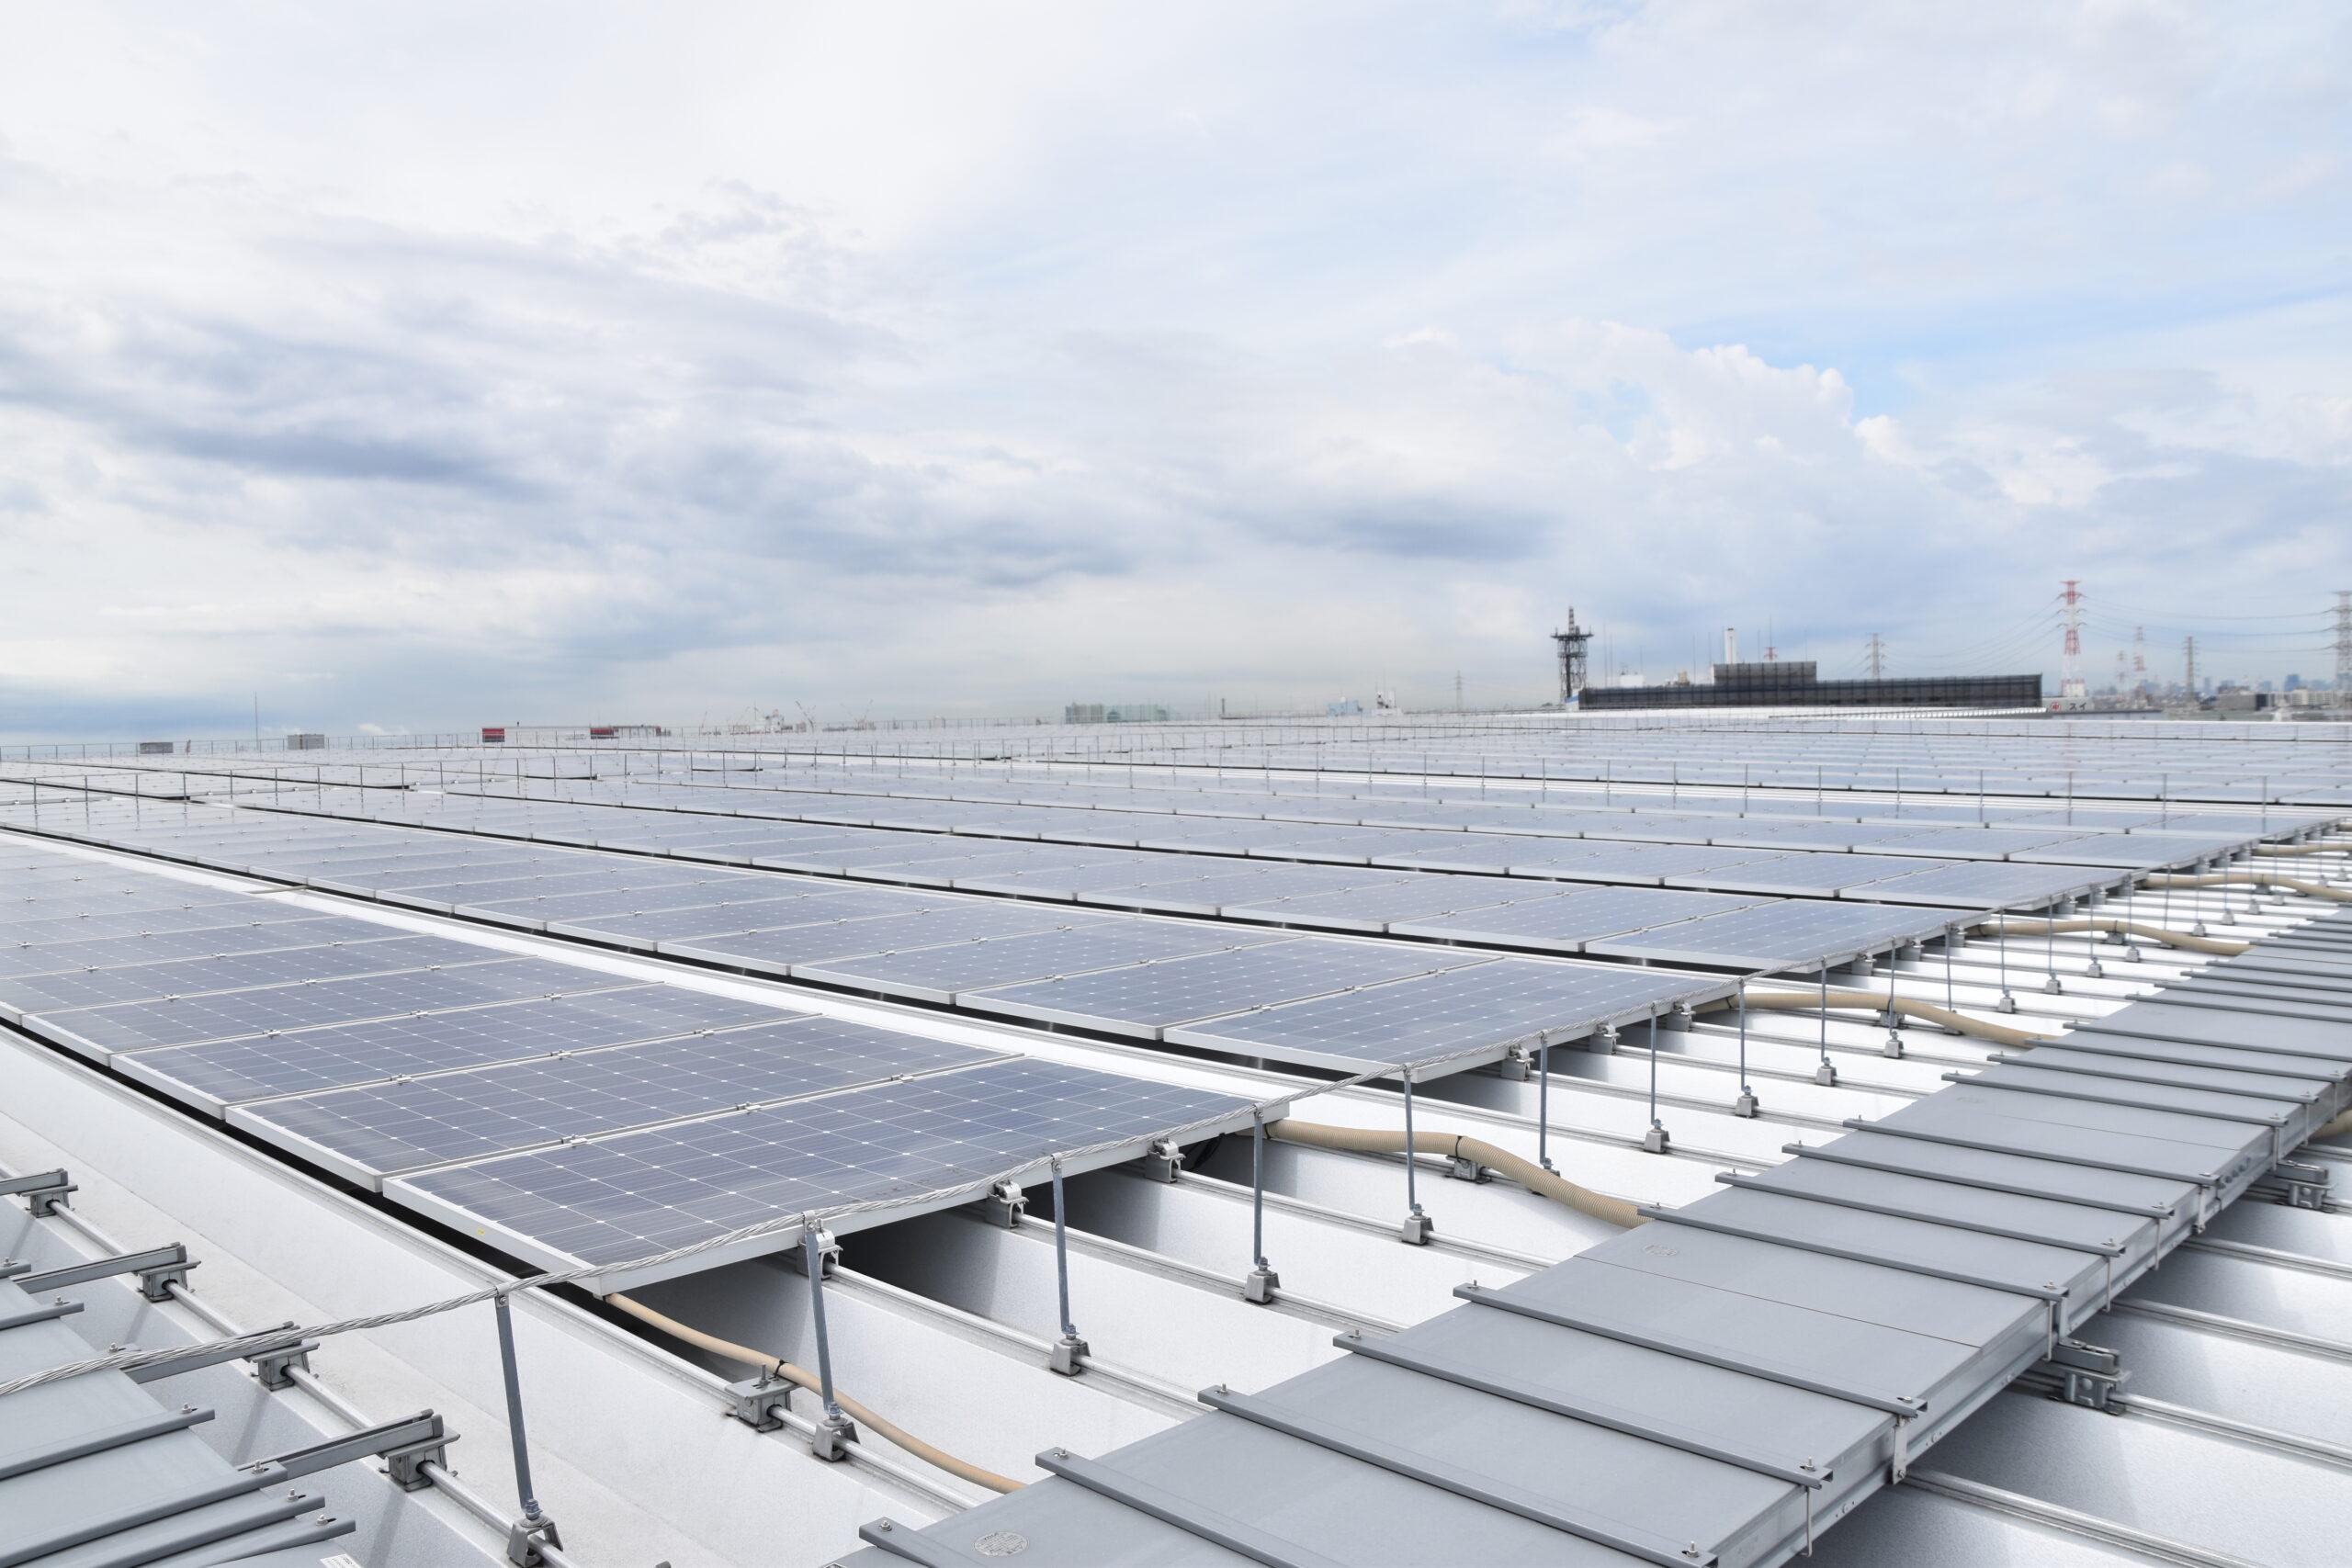 【コーポレートPPA】アジアNo.1の物流不動産会社ESR、RE100化・SDGsに取り組むテナントに再エネ電気提供で差別化